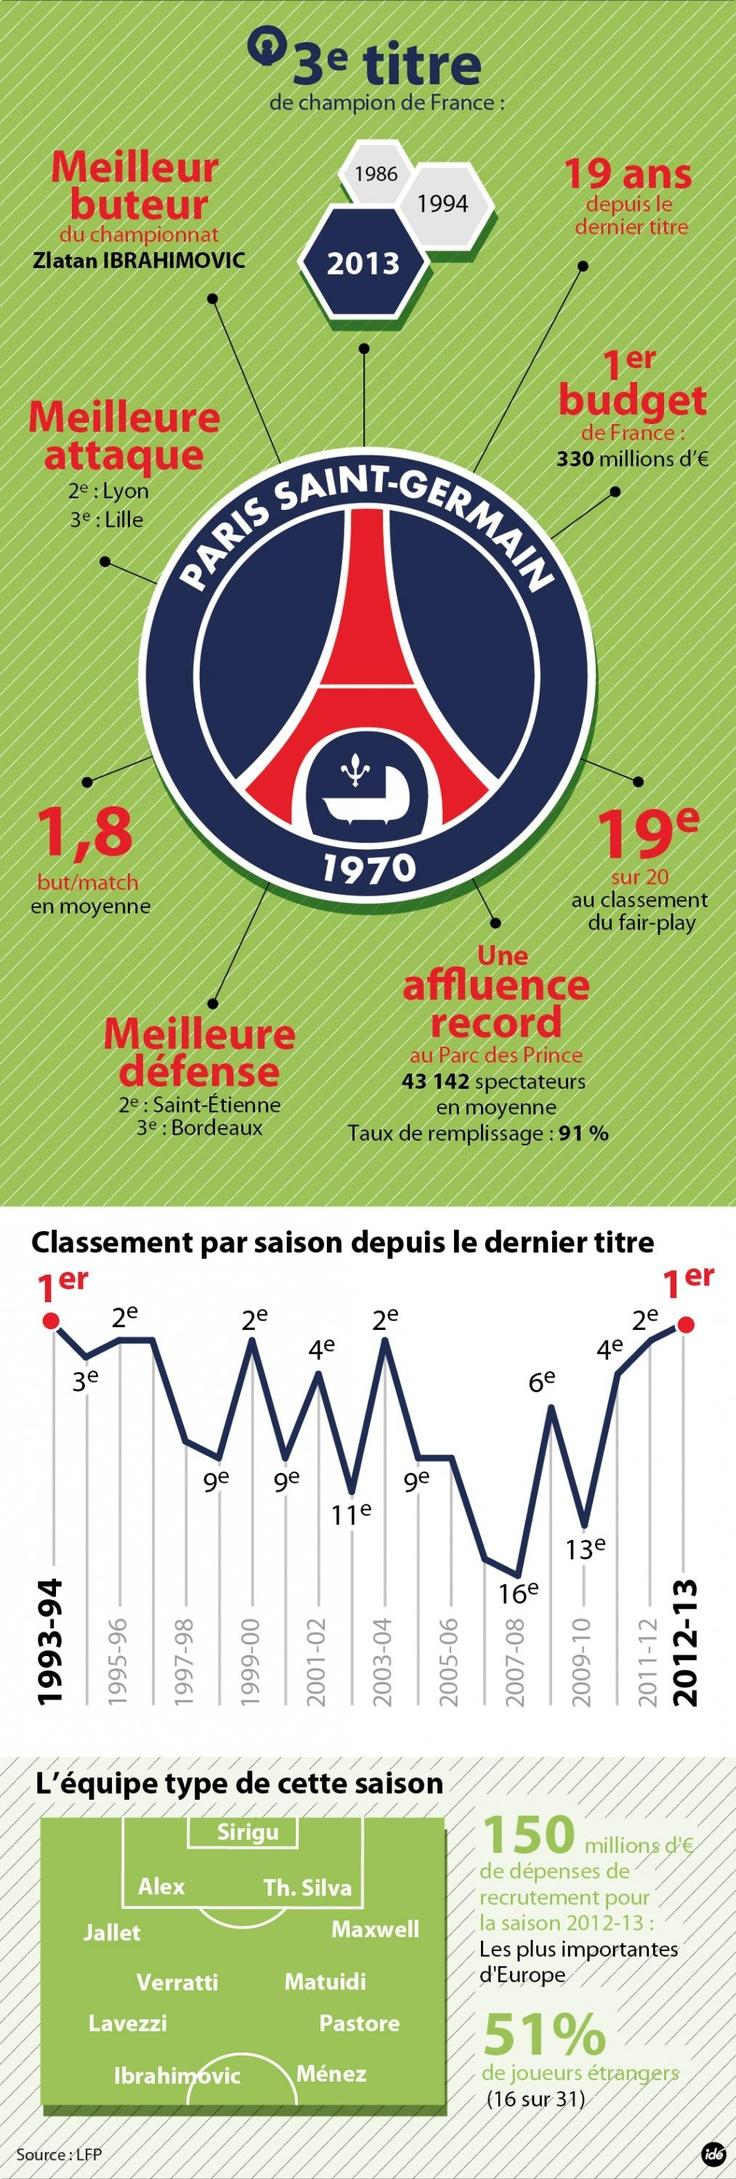 INFOGRAPHIE - Le PSG champion de France : les chiffres-clés - sport - DirectMatin.fr